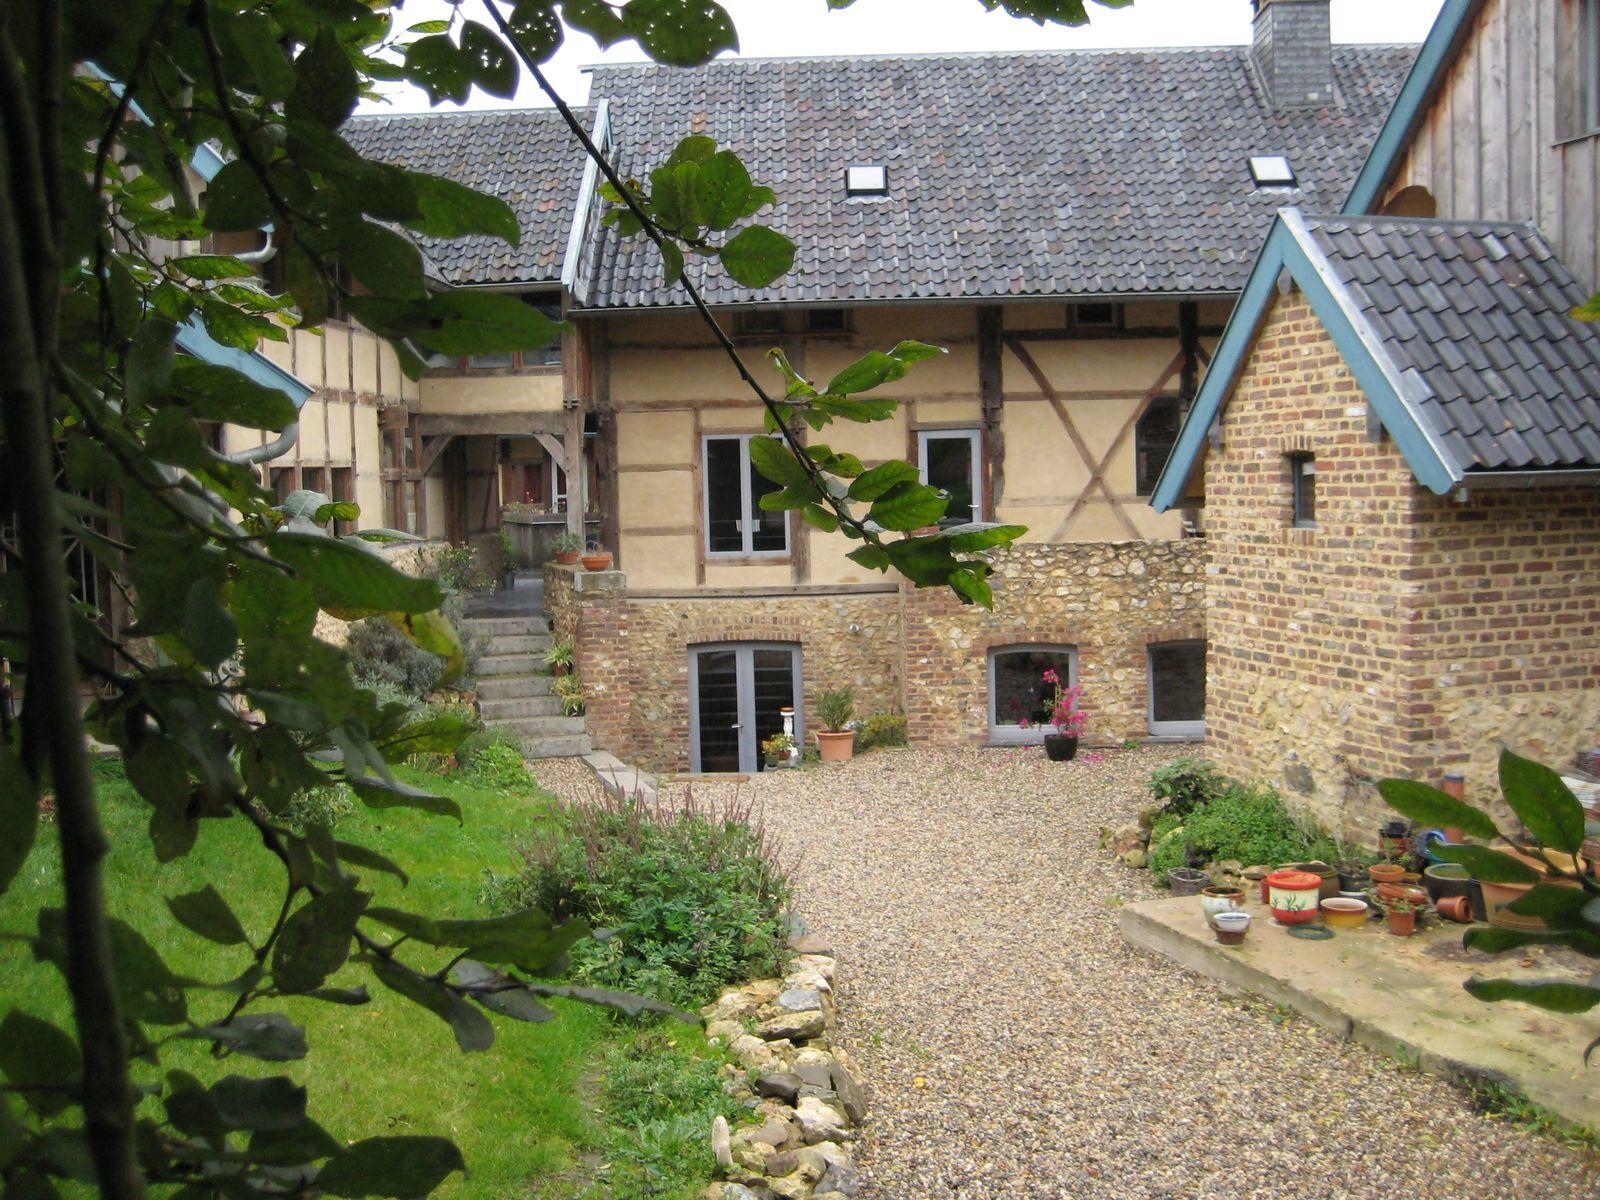 Vakwerkhuis Wentelhuis - op vakantie in België